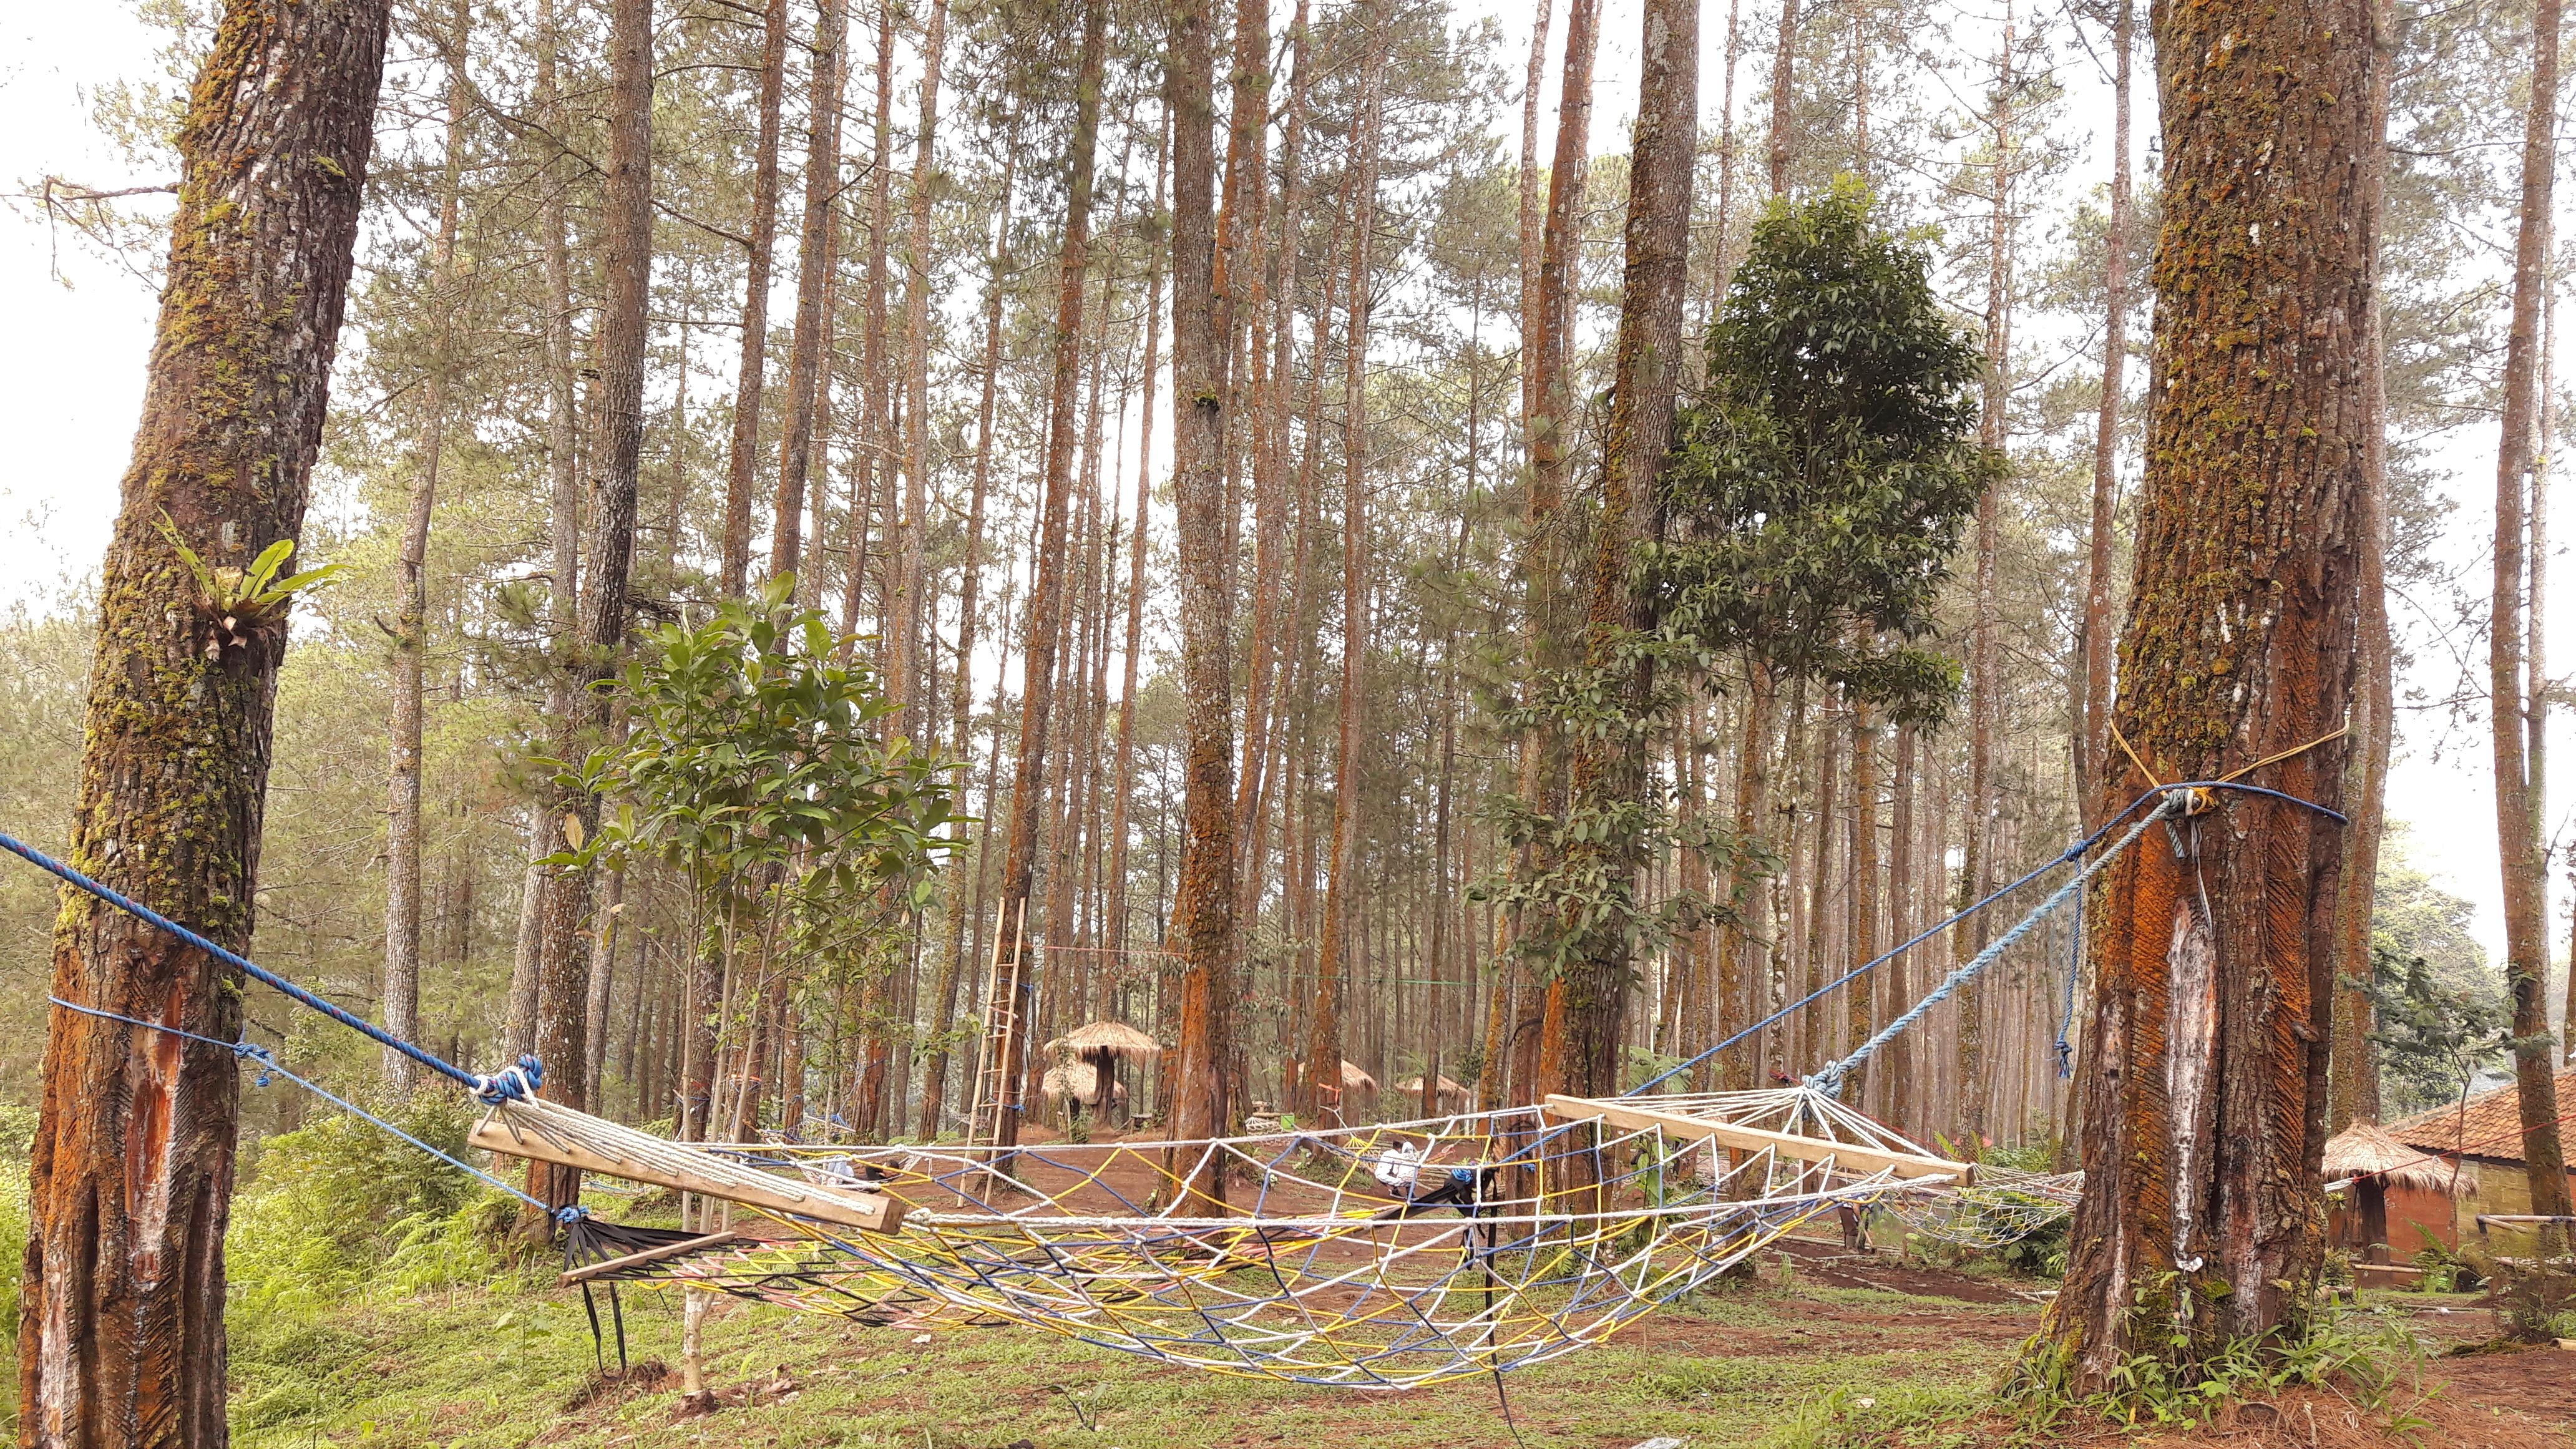 File:Wisata Hutan Pinus Cikole Lembang PAL 16, 6062017.jpg - Wikimedia Commons